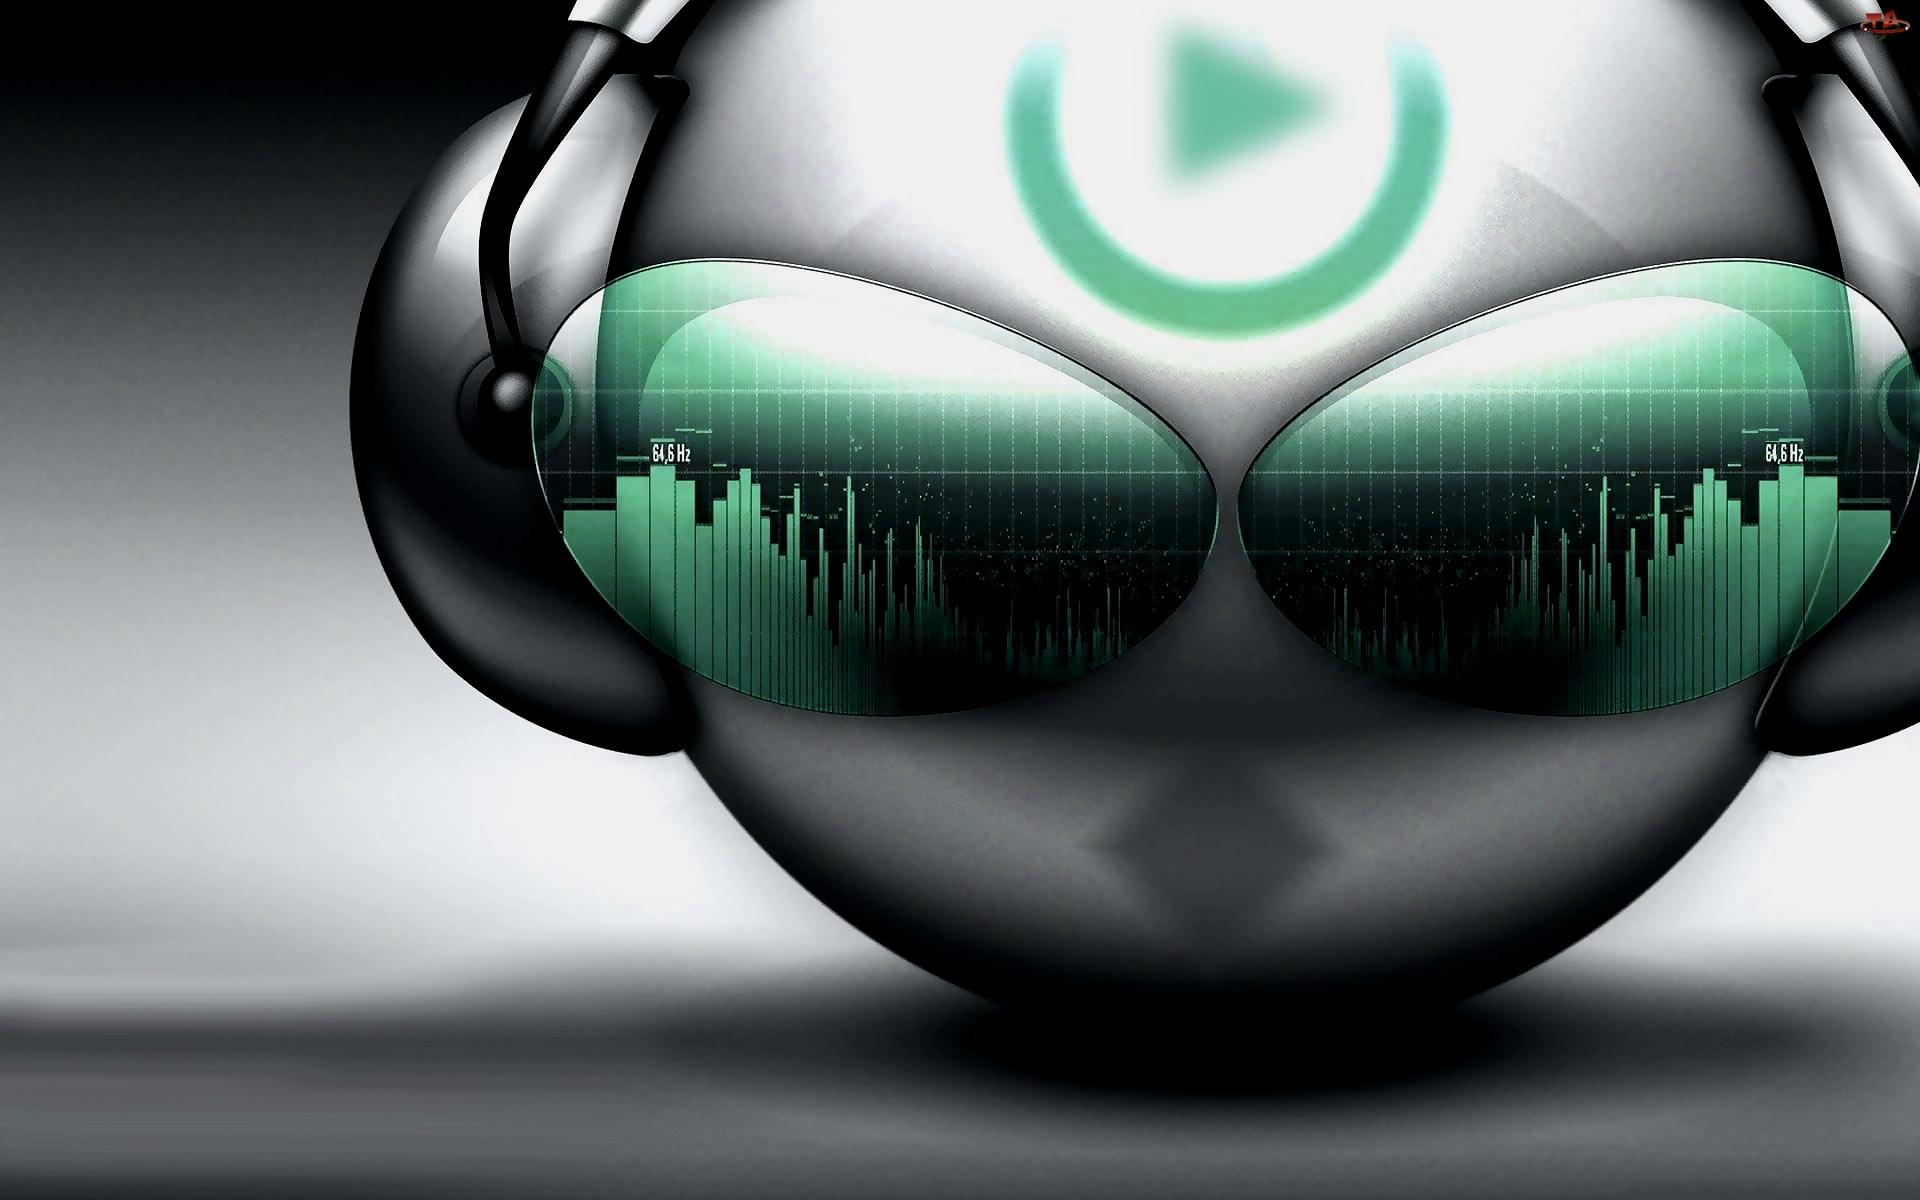 Muzyka Grafika Słuchacz Tapety Tja Pl